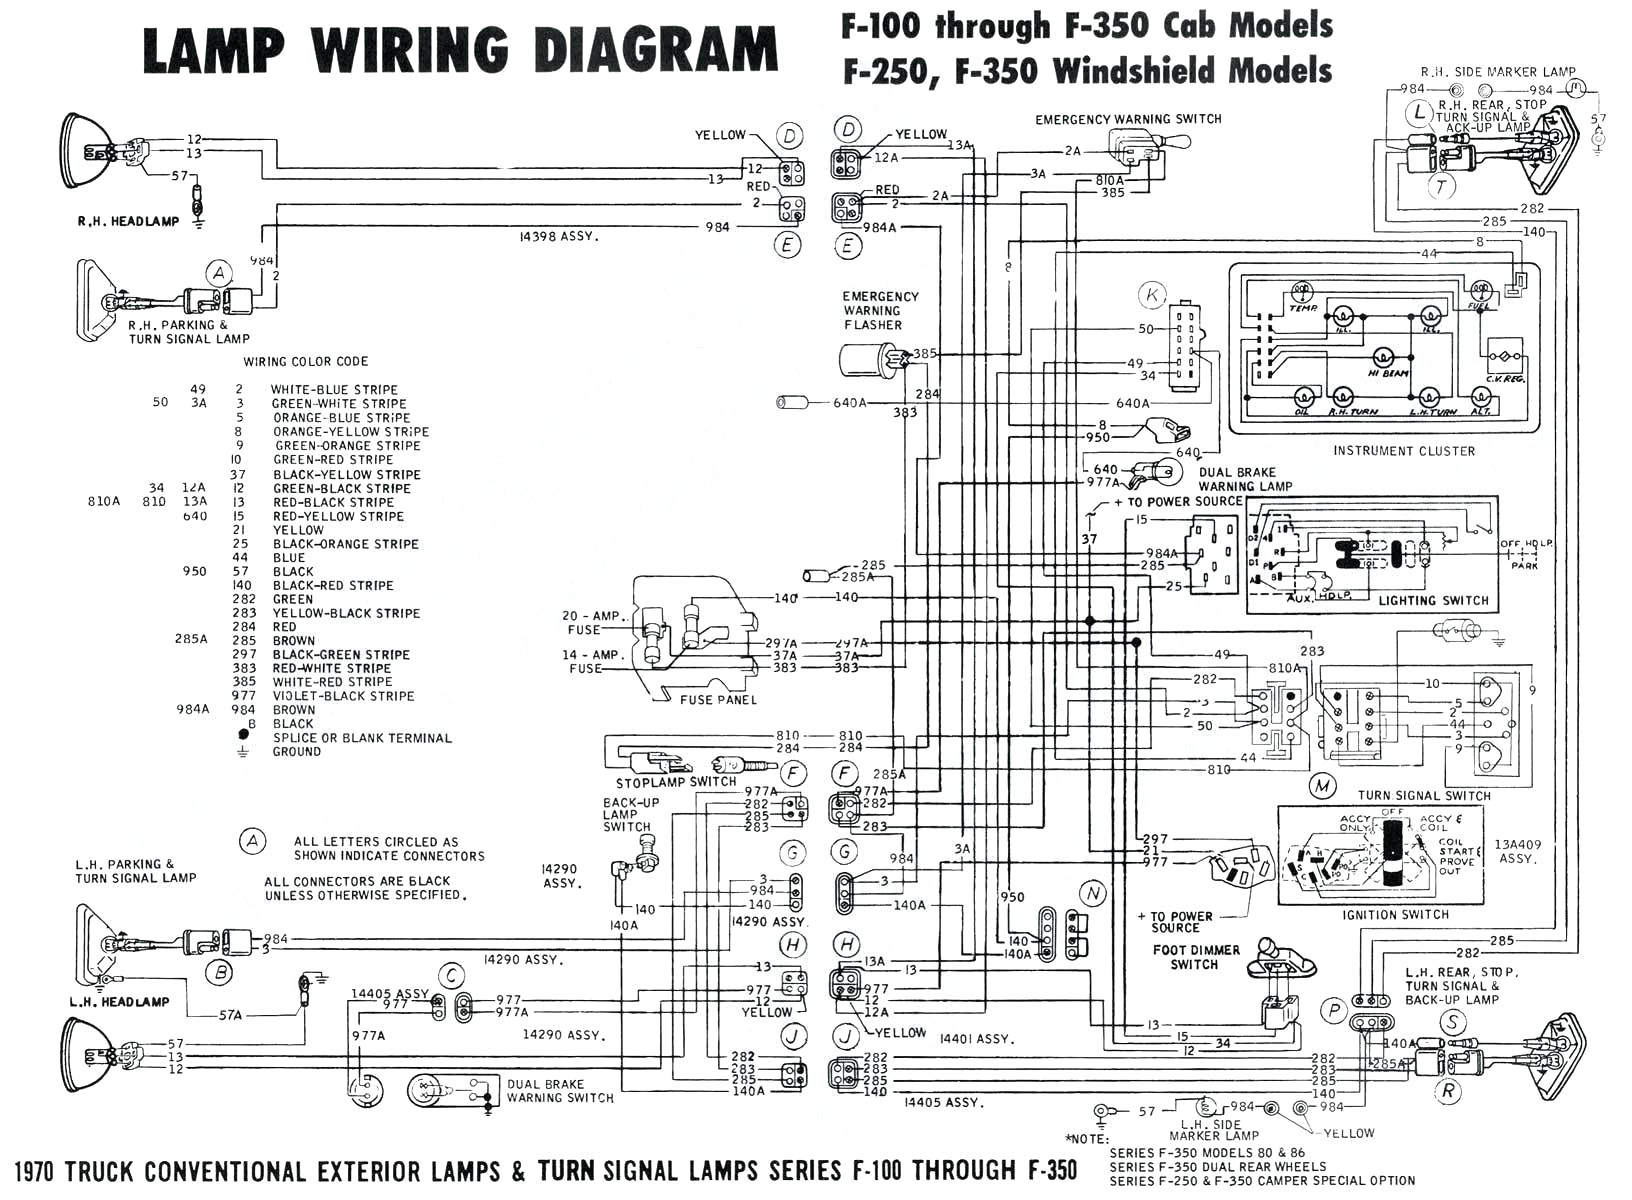 cat mini excavator wiring diagram free download wiring diagram daewoo excavator wiring diagrams